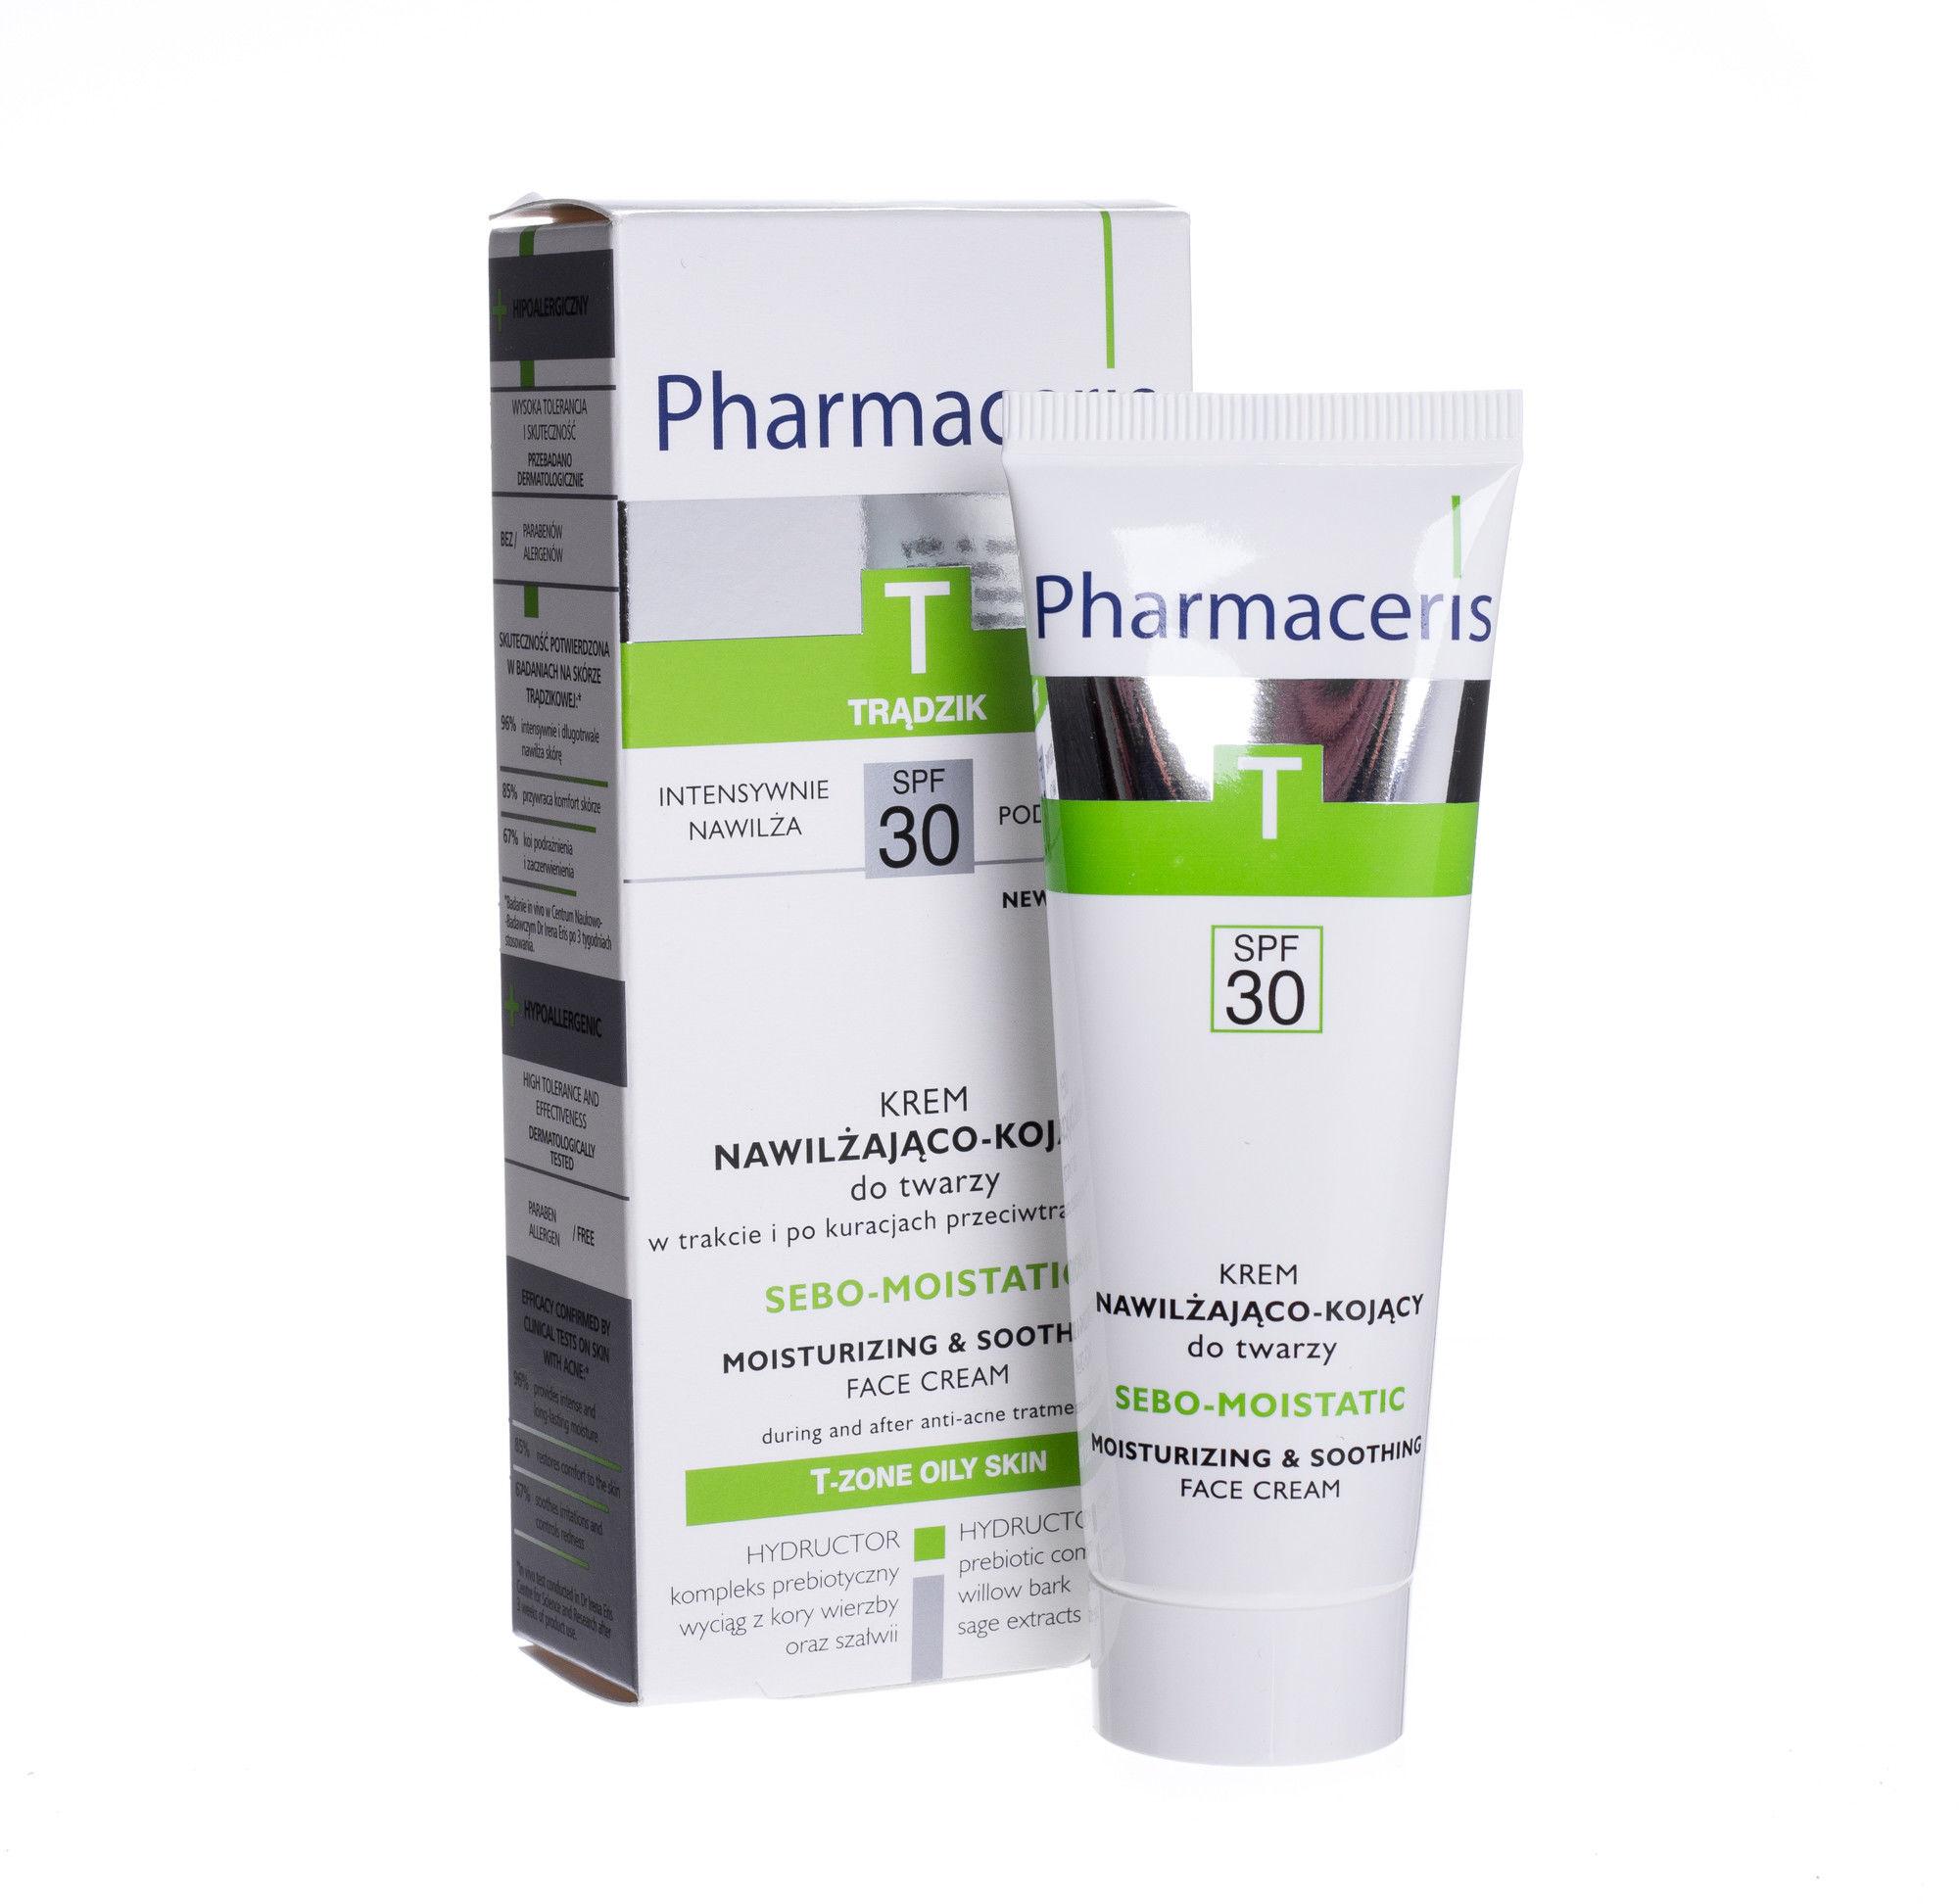 Pharmaceris T Sebo-Moistatic krem nawilżająco-kojący SPF30, 50ml